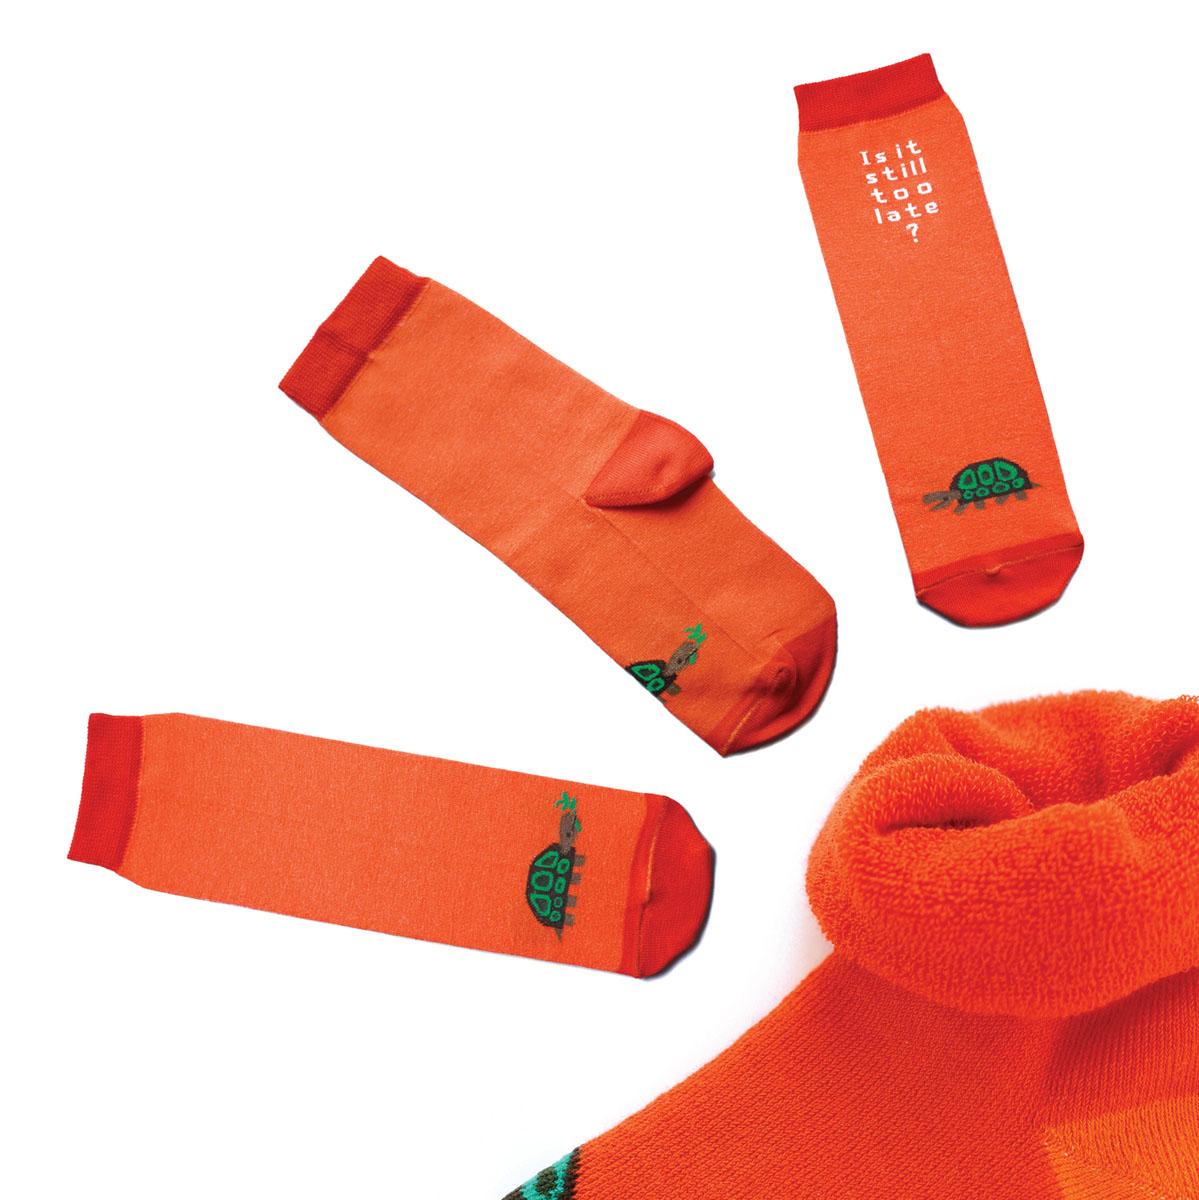 Носки женские Big Bang Socks, цвет: оранжевый. ca1523. Размер 35/39ca1523Яркие женские носки Big Bang Socks изготовлены из высококачественного хлопка с добавлением полиамидных и эластановых волокон, которые обеспечивают великолепную посадку. Носки отличаются ярким стильным дизайном. Они оформлены изображением черепахи и надписью на английском языке. Удобная резинка идеально облегает ногу и не пережимает сосуды, усиленные пятка и мысок повышают износоустойчивость носка, а удлиненный паголенок придает более эстетичный вид. Дизайнерские носки Big Bang Socks - яркая деталь в вашем образе и оригинальный подарок для друзей и близких.